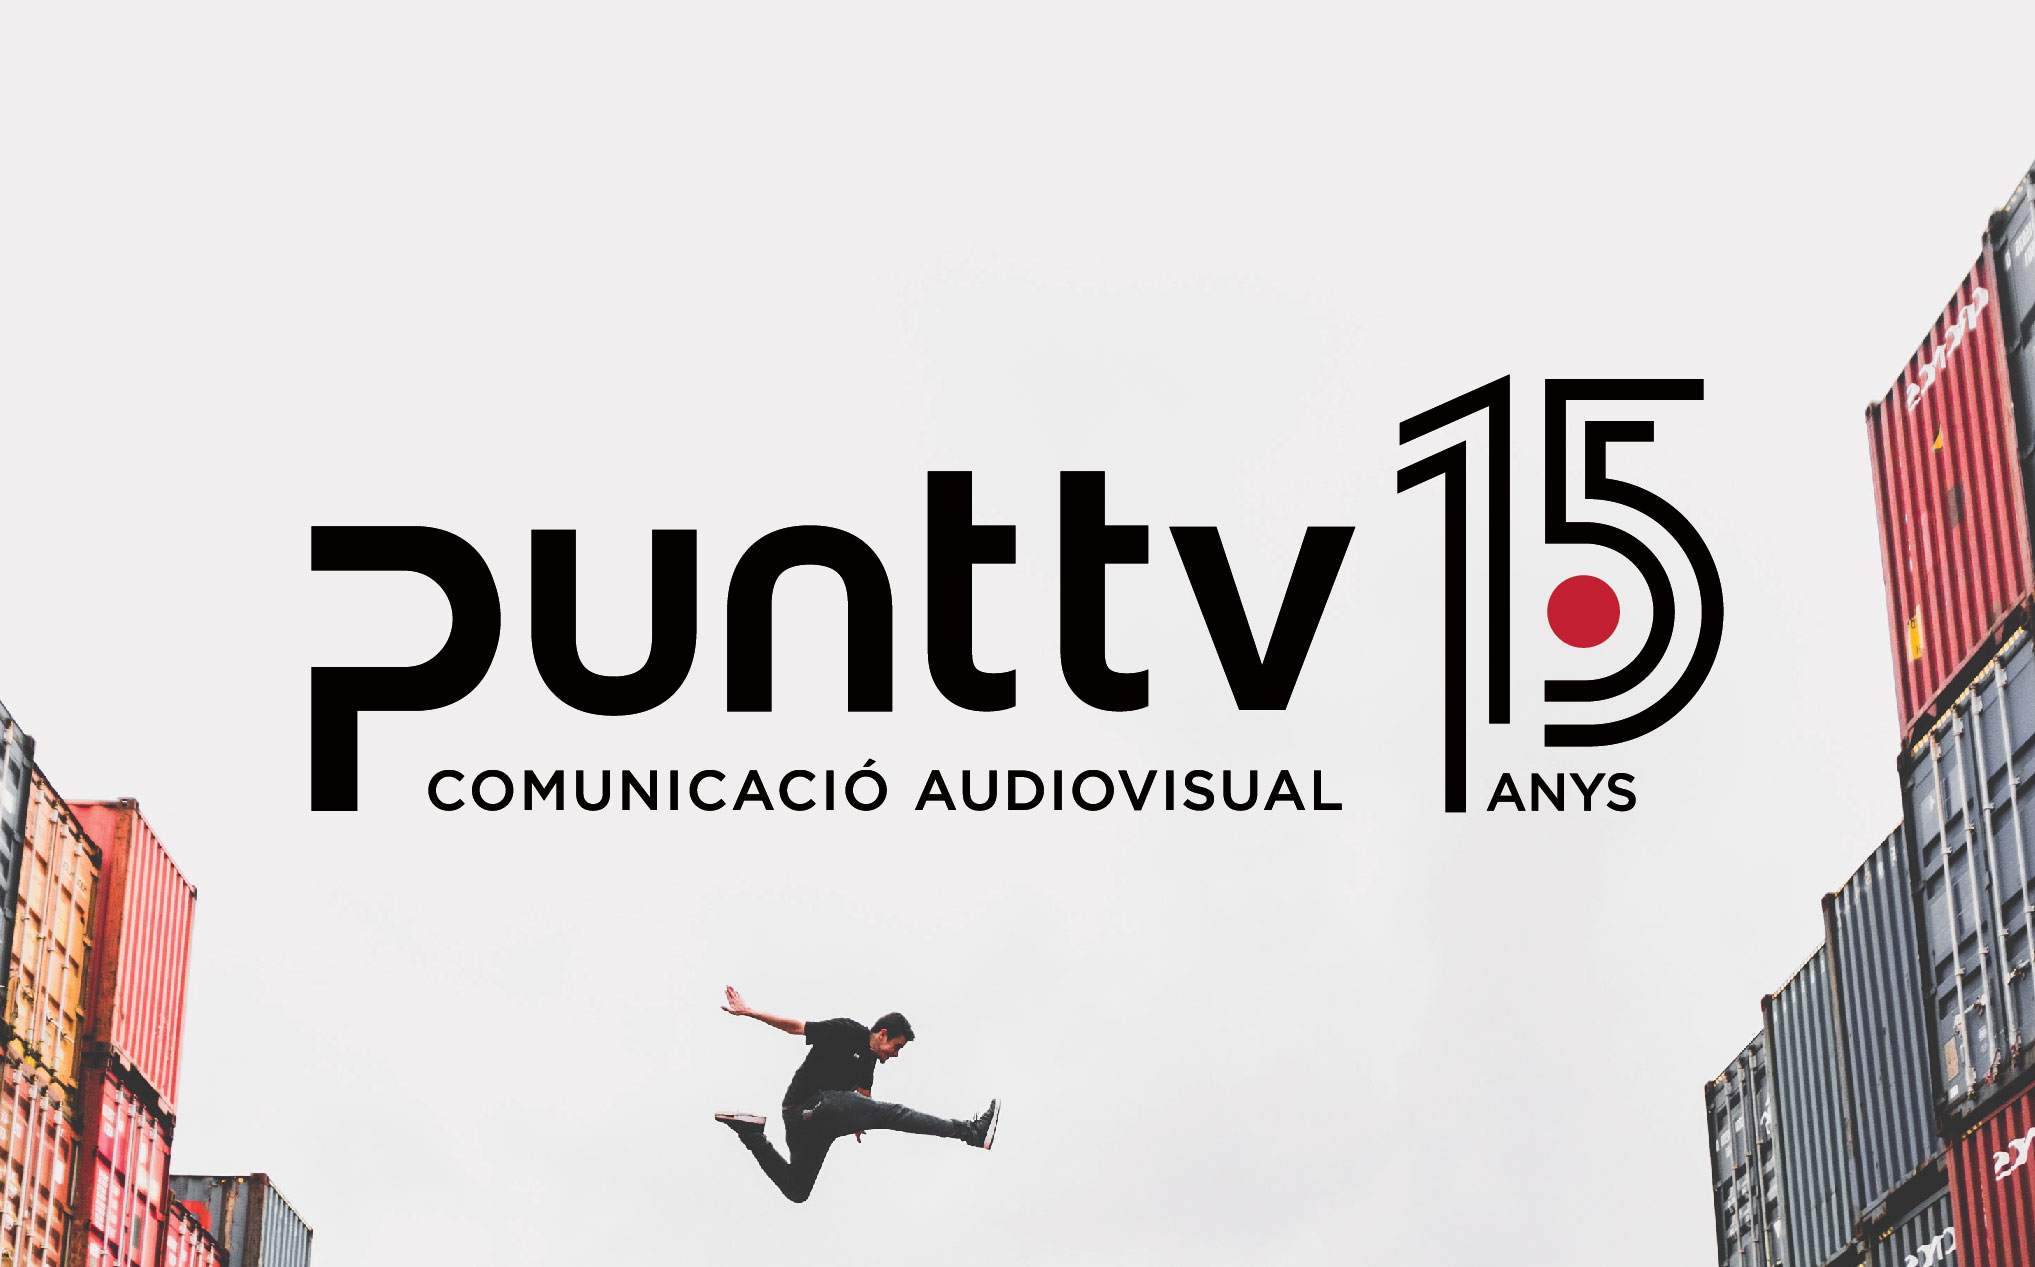 Punt-TV-Comunicació-Audiovisual-15-anys-Disculpi-Studio-Disseny-Grafic-Vilafranca-del-Penedes-Graphic-Design-Barcelona-Angels-Pinyol-Carla-Elias